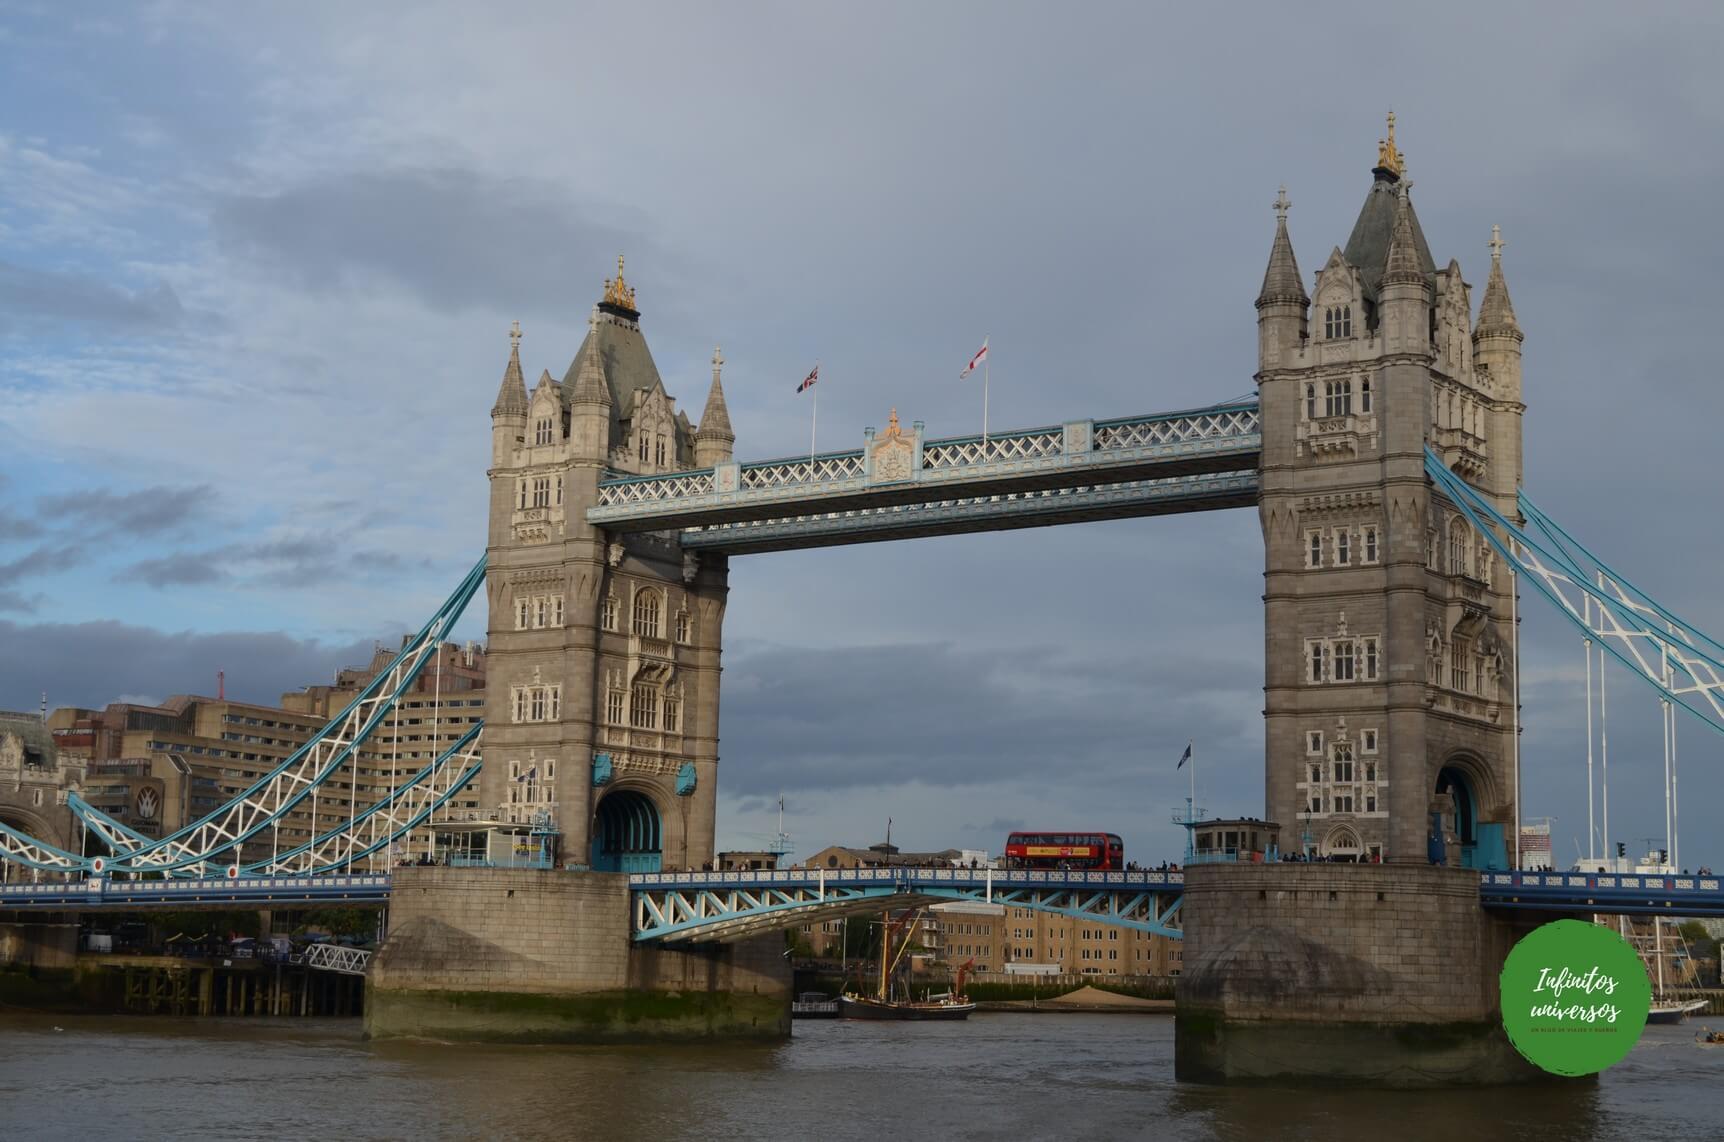 que ver en Londres en 4 días - Europa en verano que visitar en londres en 4 dias